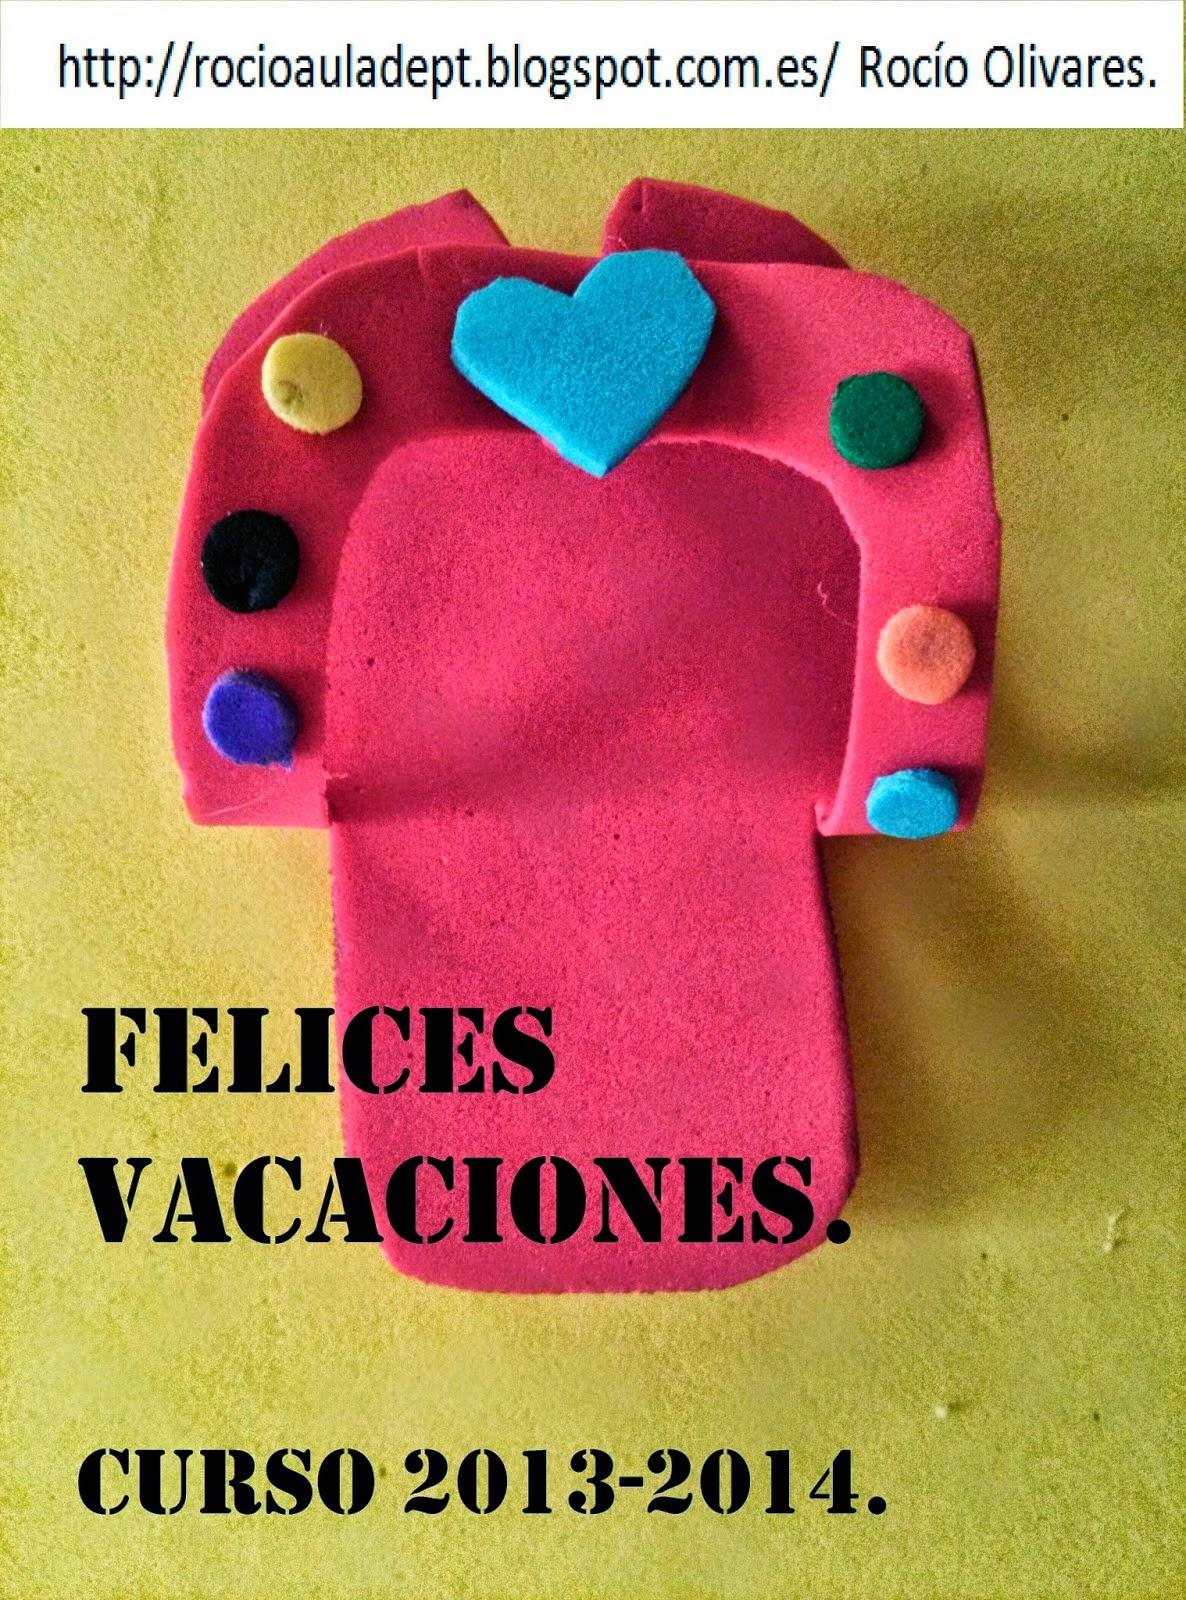 http://rocioauladept.blogspot.com.es/